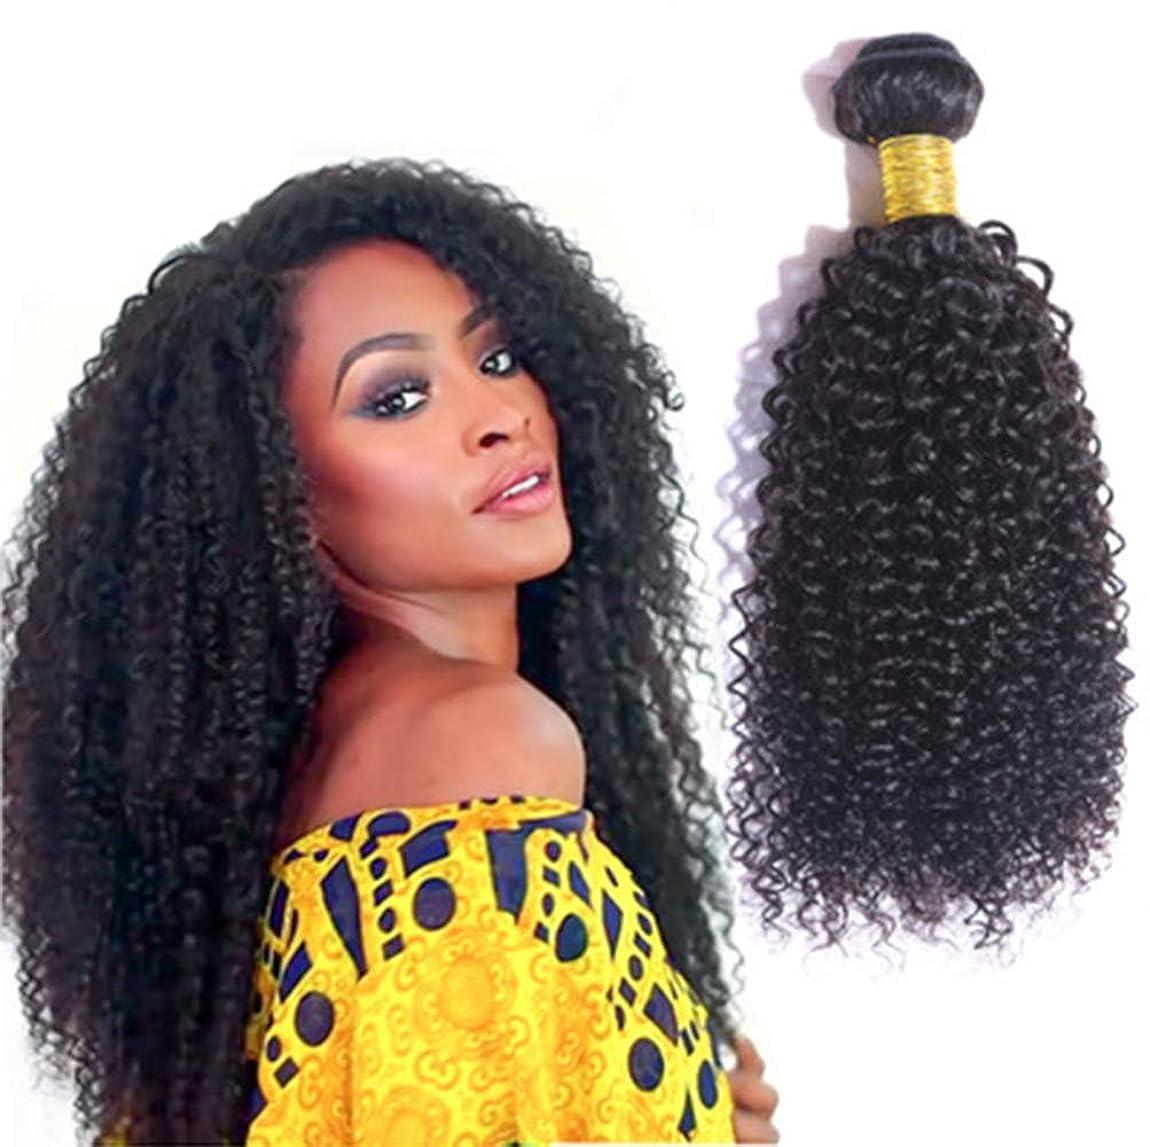 女性ブラジル水波ヘアバンドル100%未処理のバージンレミー人間の毛髪延長3バンドル変態カーリーヘア織り